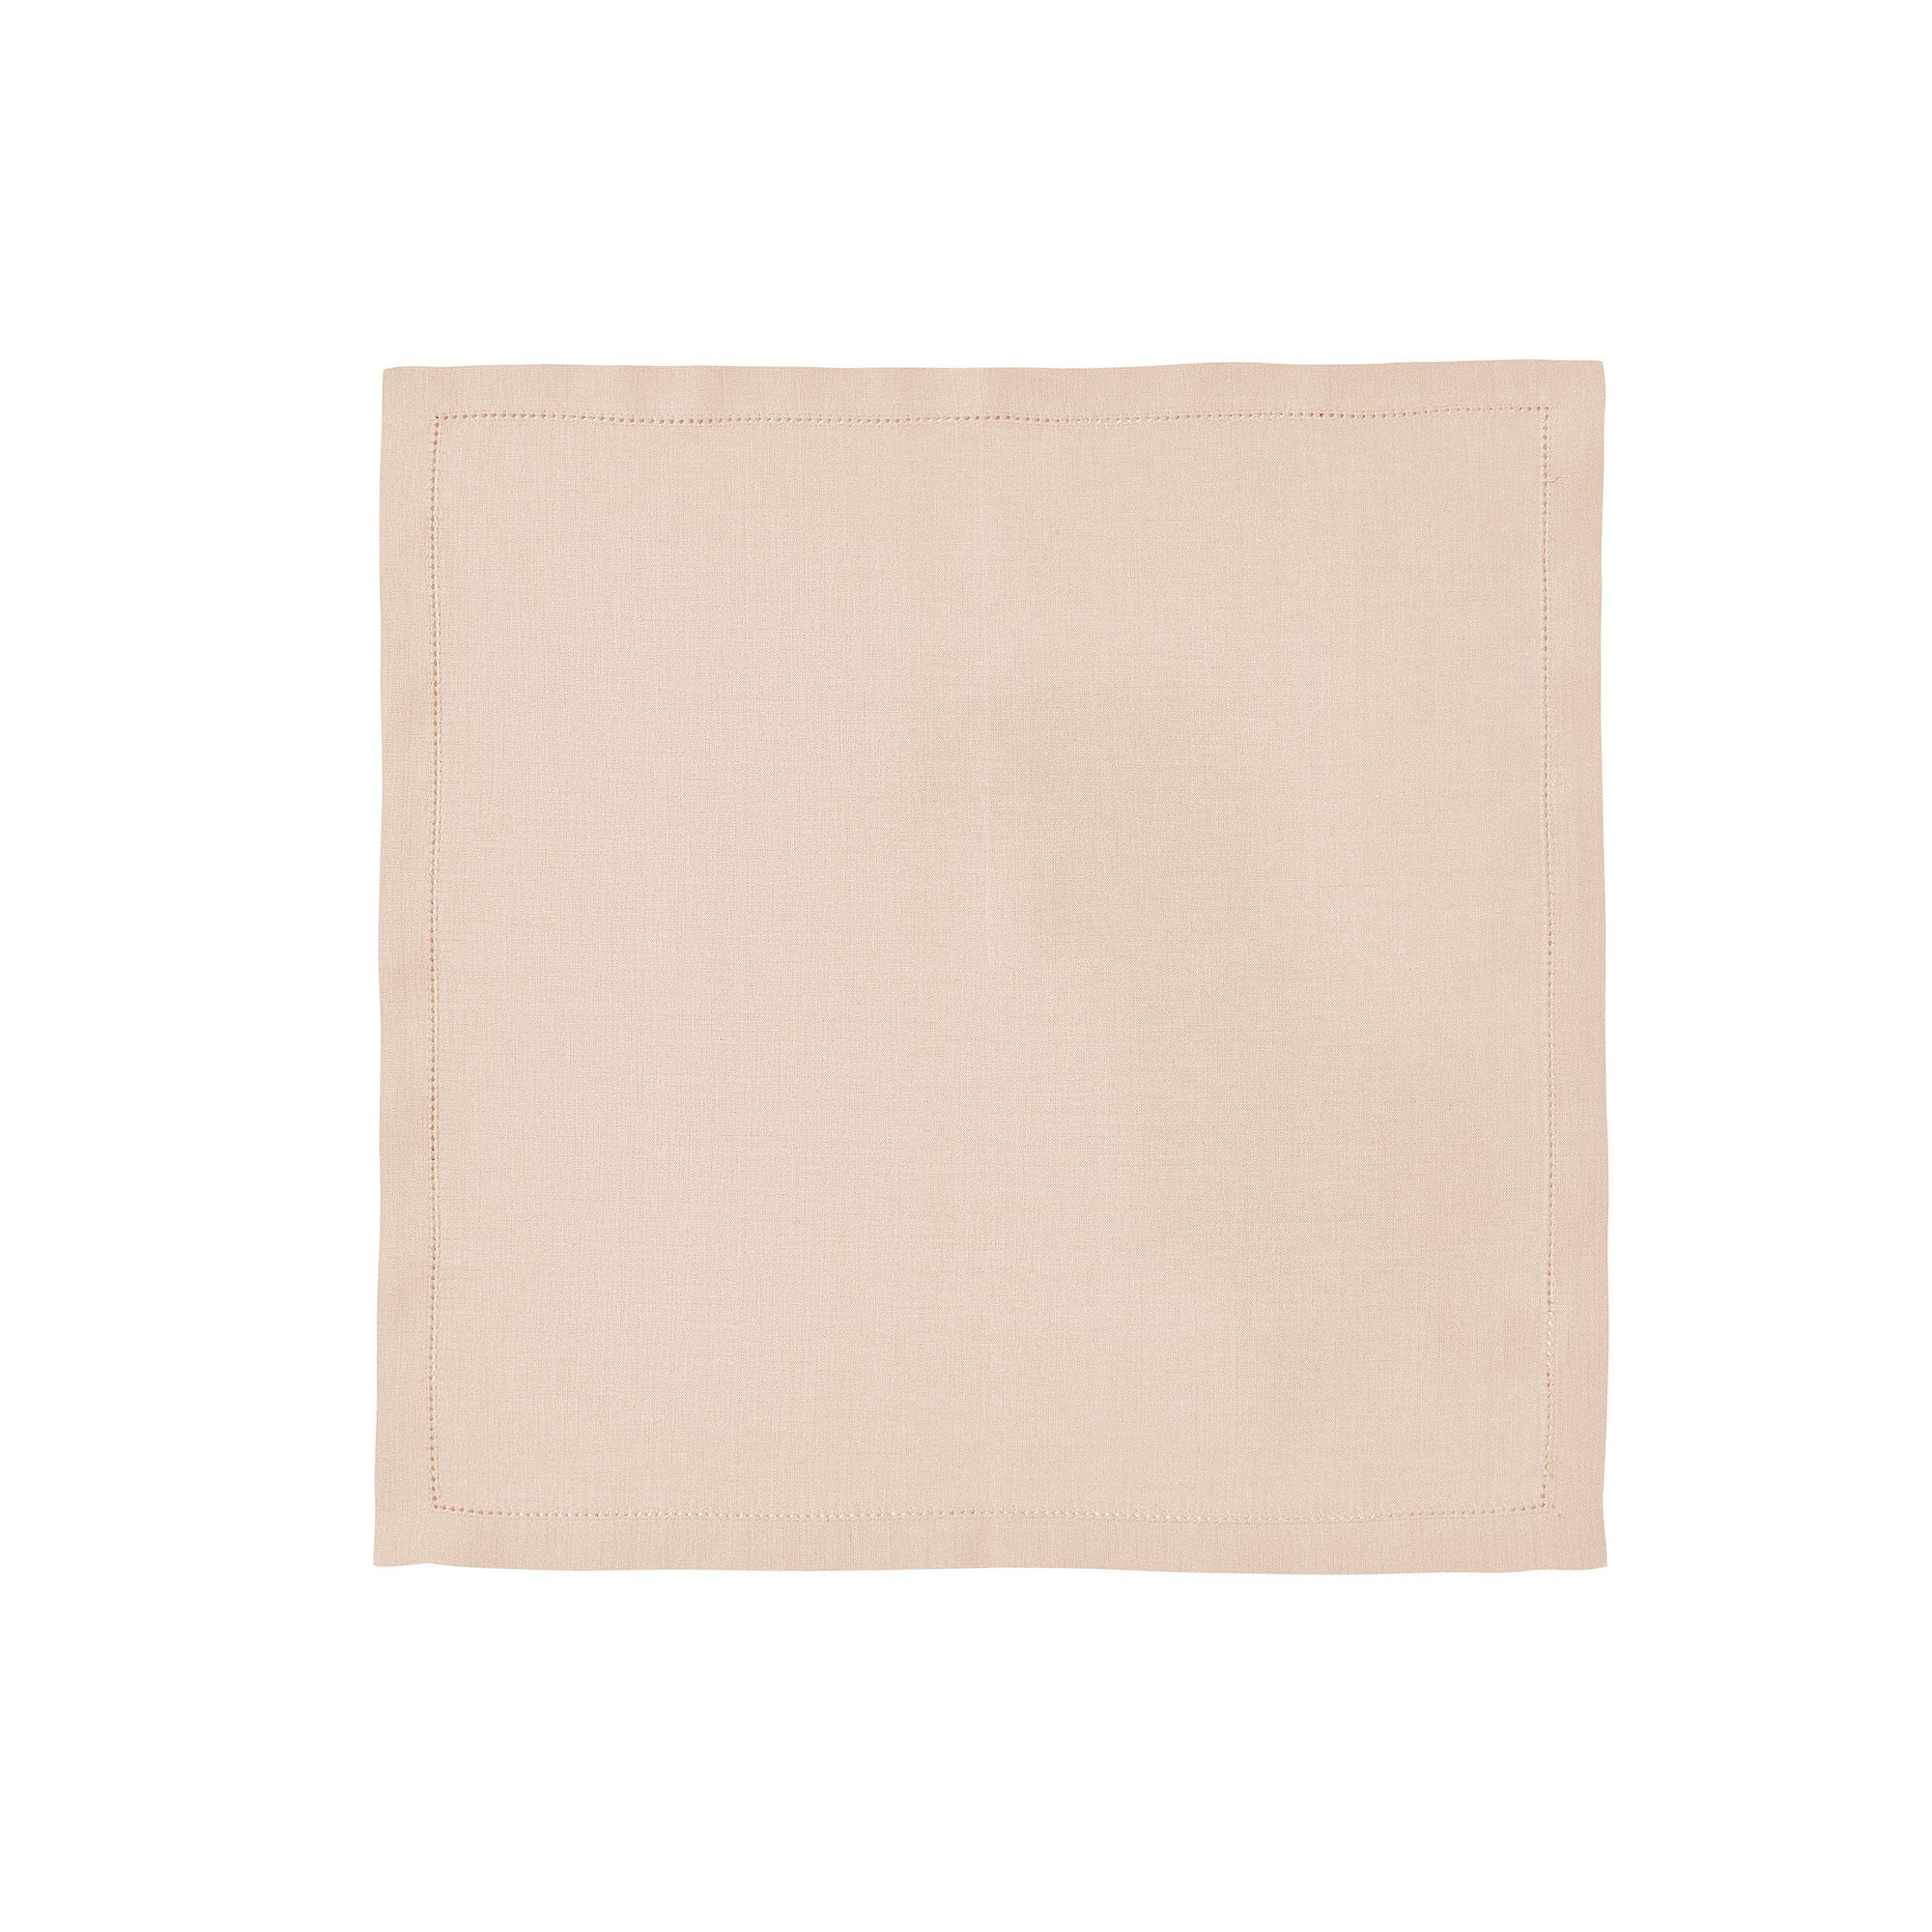 Serviette de table en lin rose 45x45